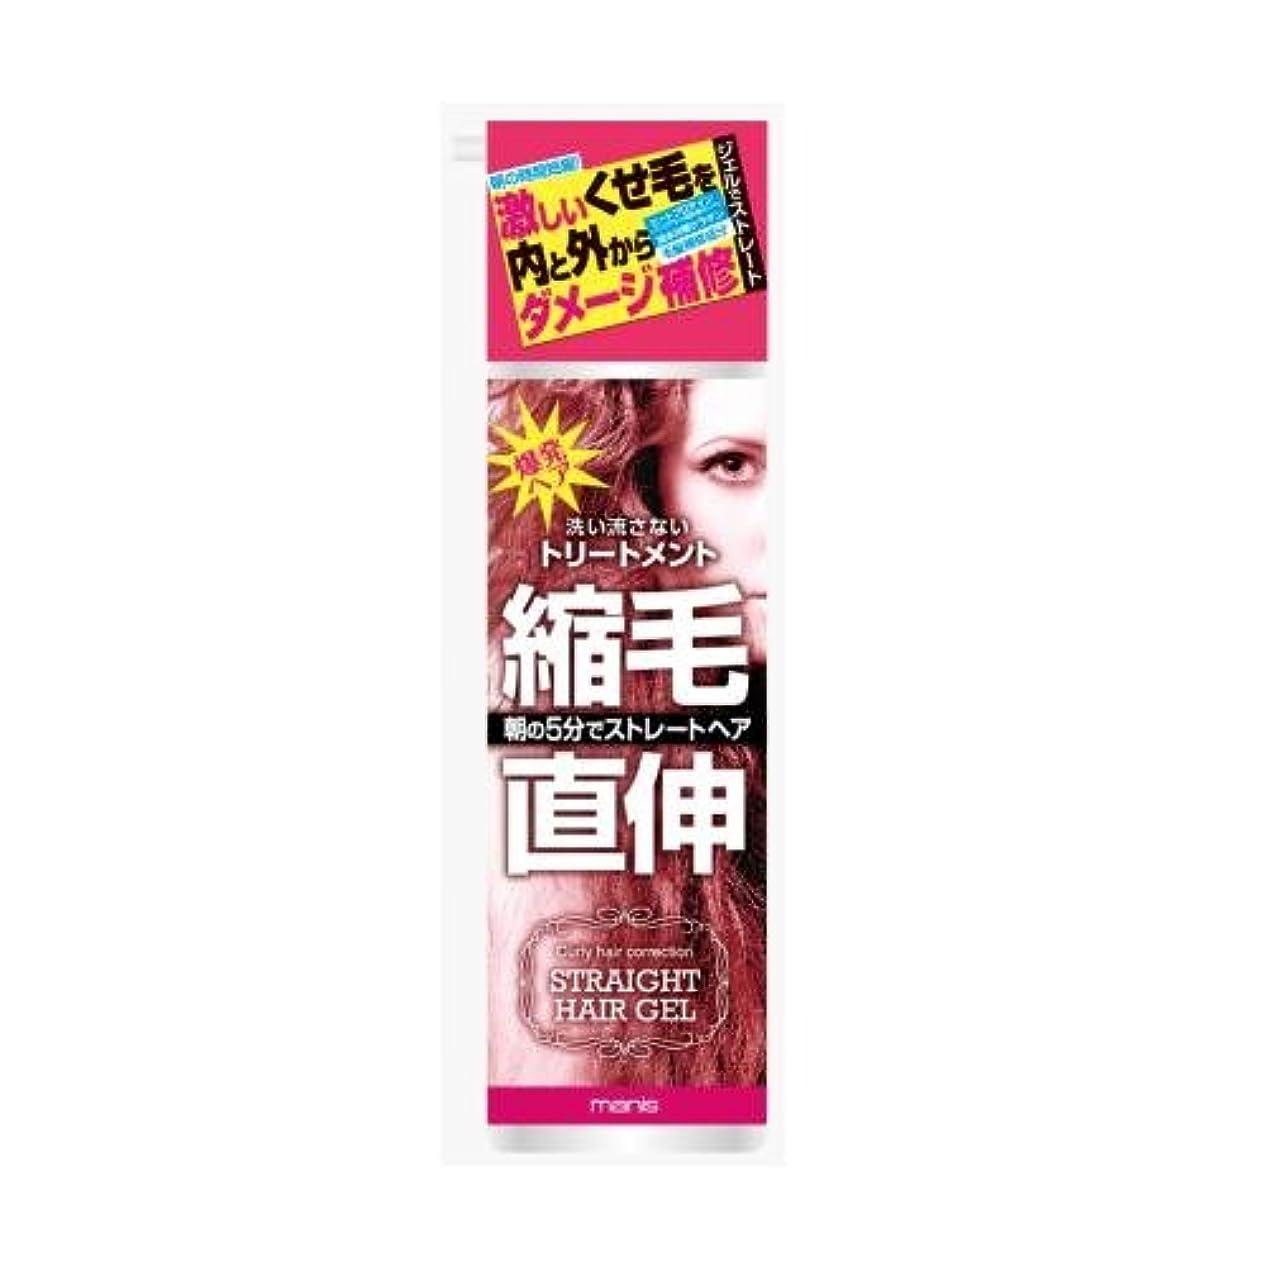 制限化粧化粧マニス ストレートヘアジェル